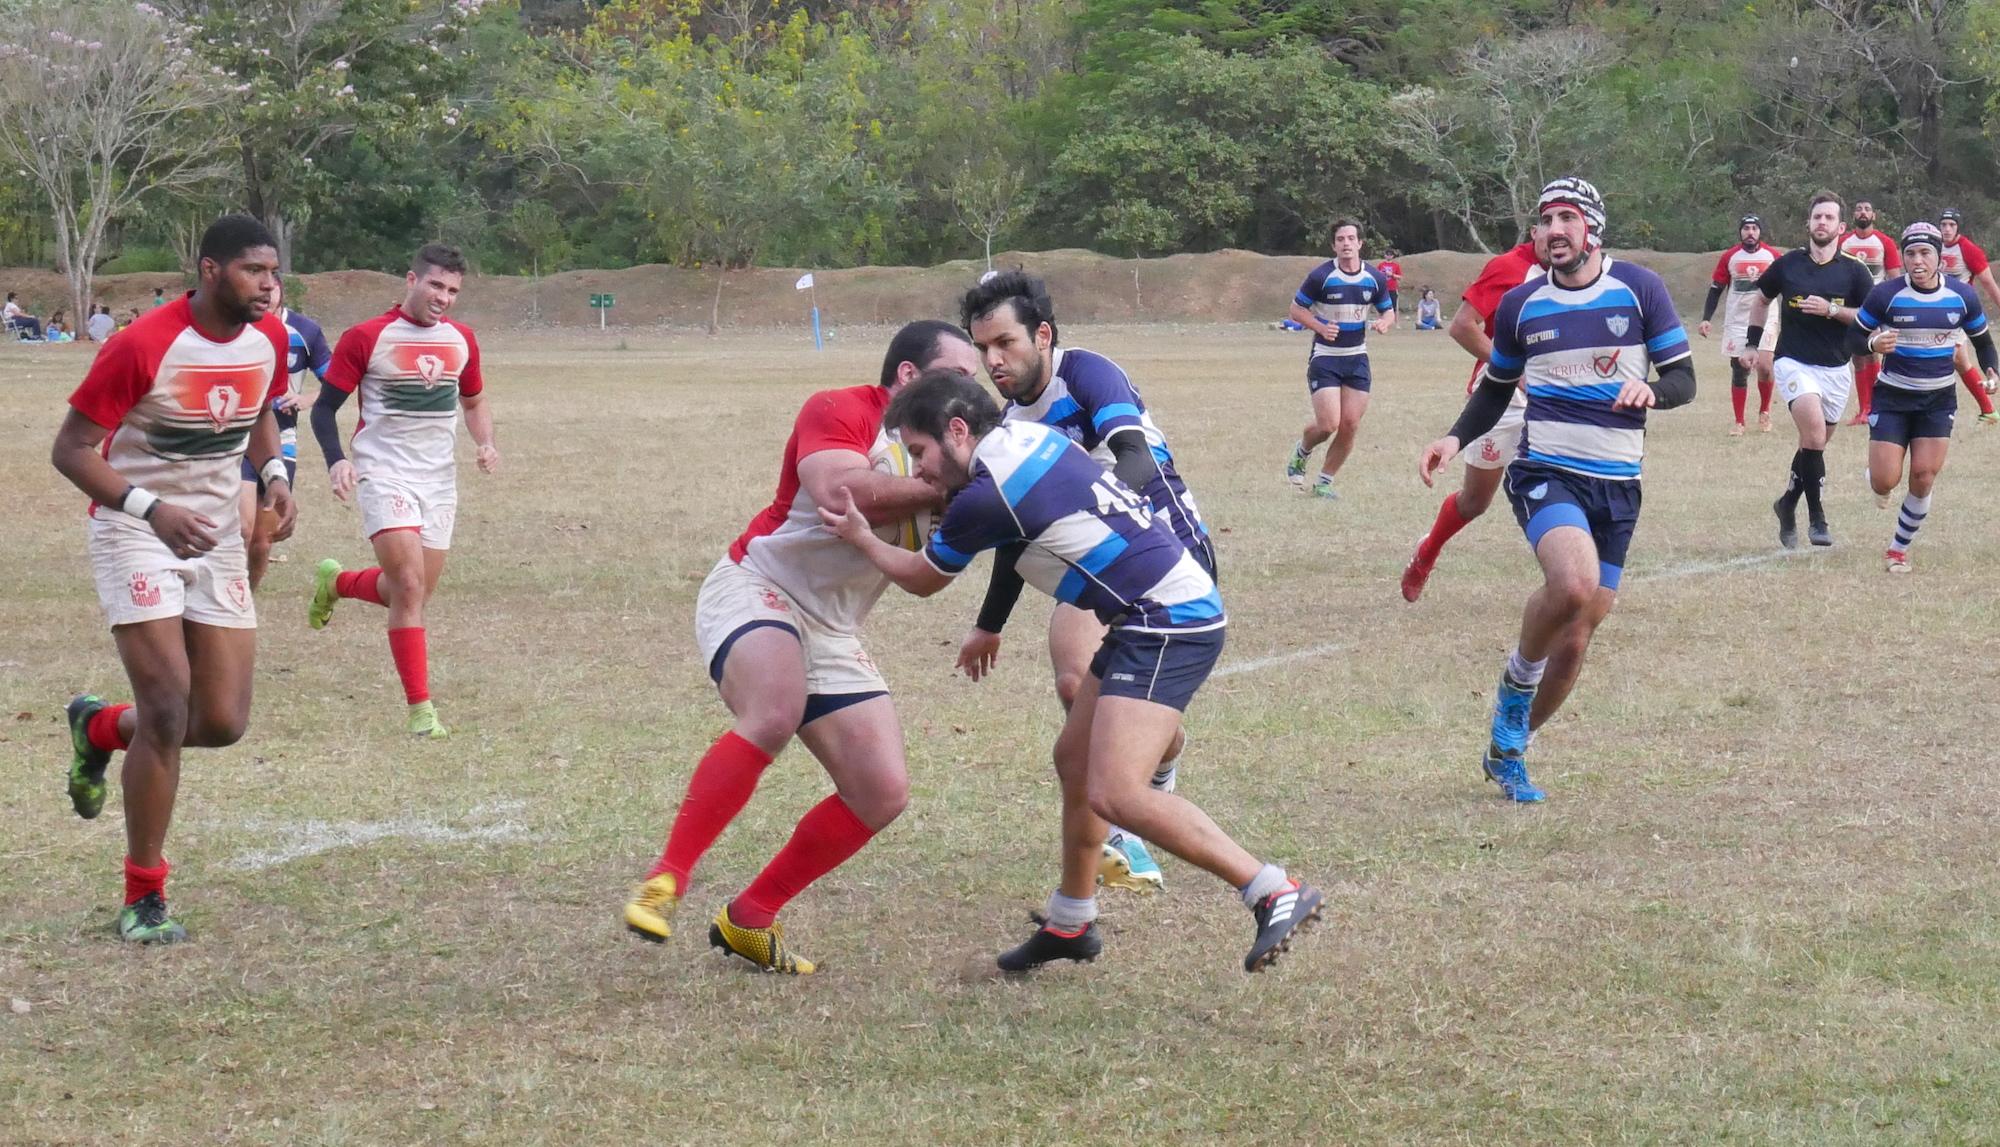 pe vermelho rugby foto Divulgação/Pé Vermelho Rugby